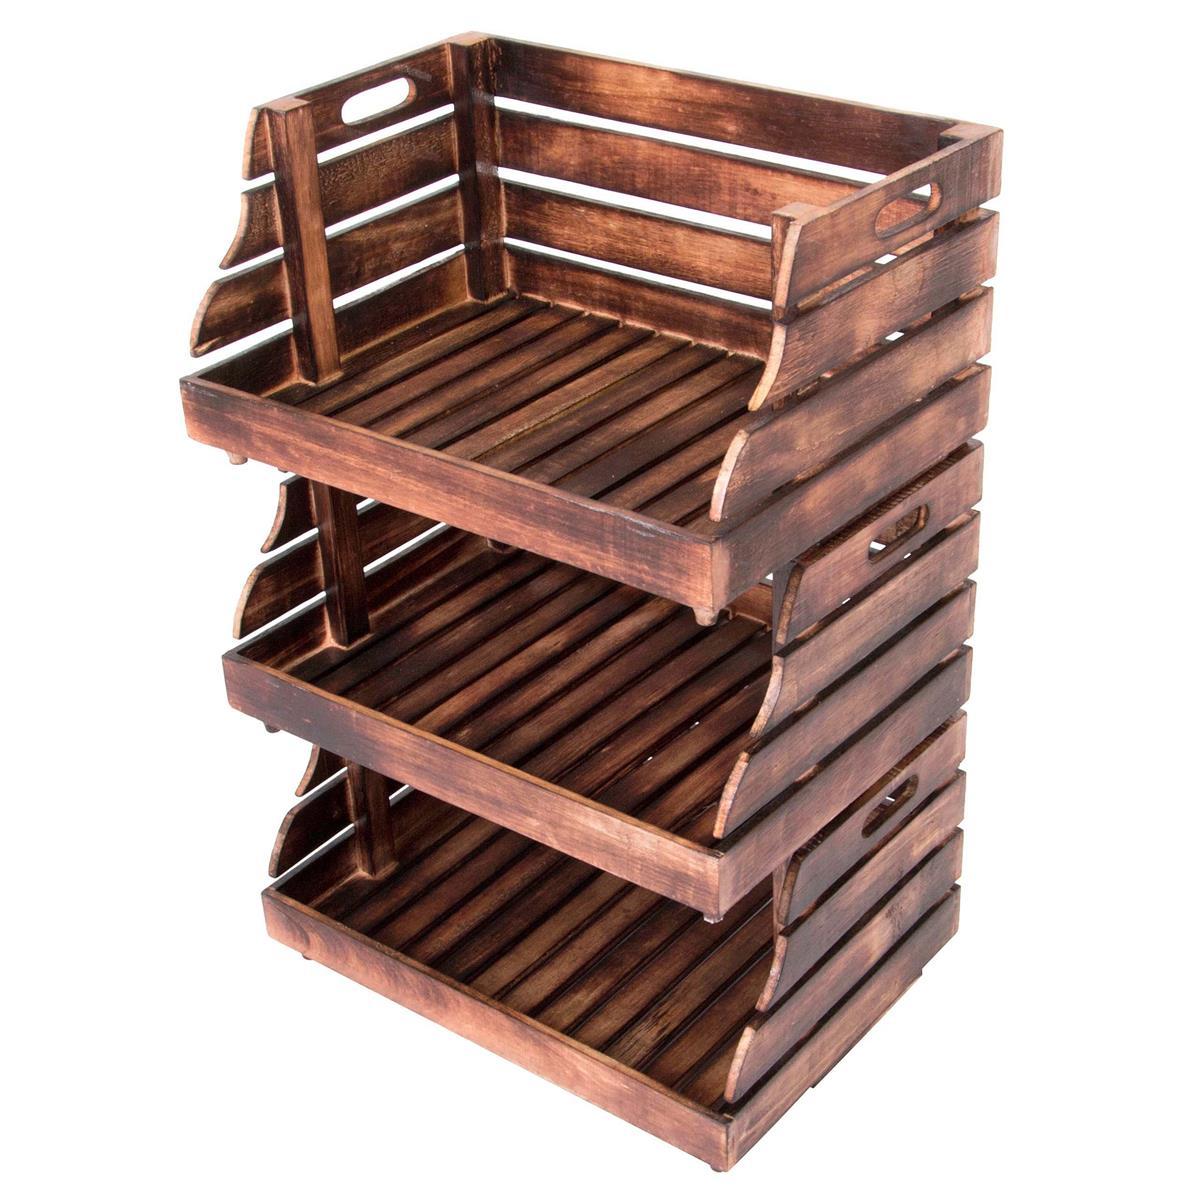 DIVERO 3er Set Holzkiste Stapelkiste Spielzeug Box Stiege Aufbewahrung 49x35